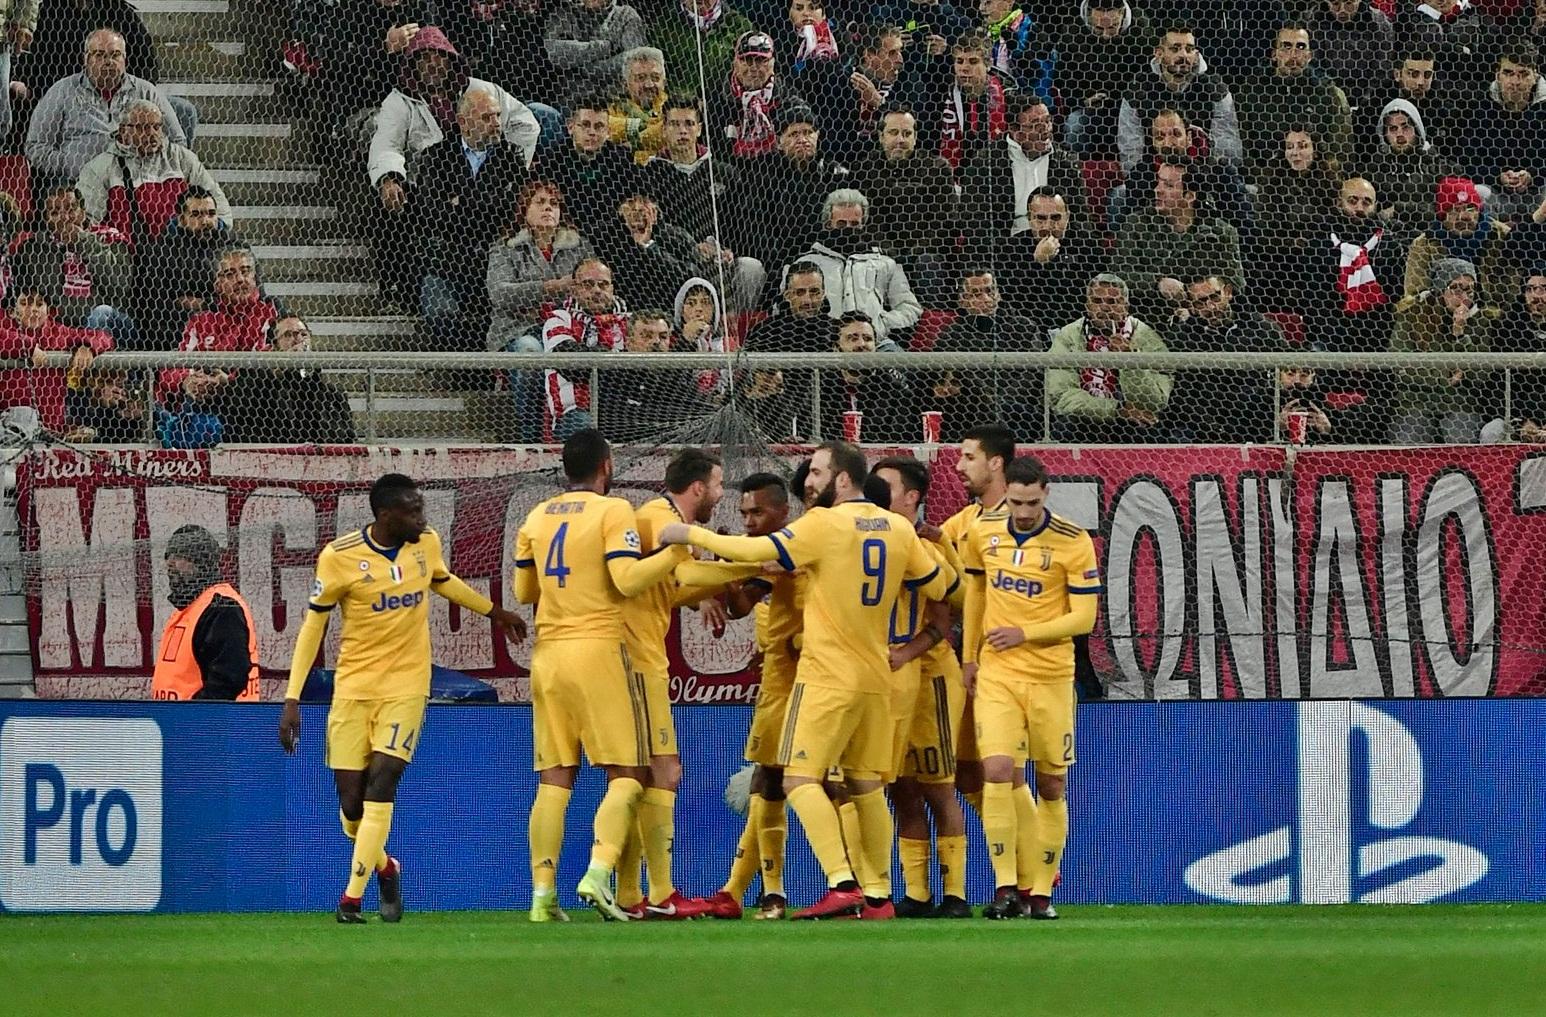 La Juve batte 2-0 l'Olympiacos e accede agli ottavi